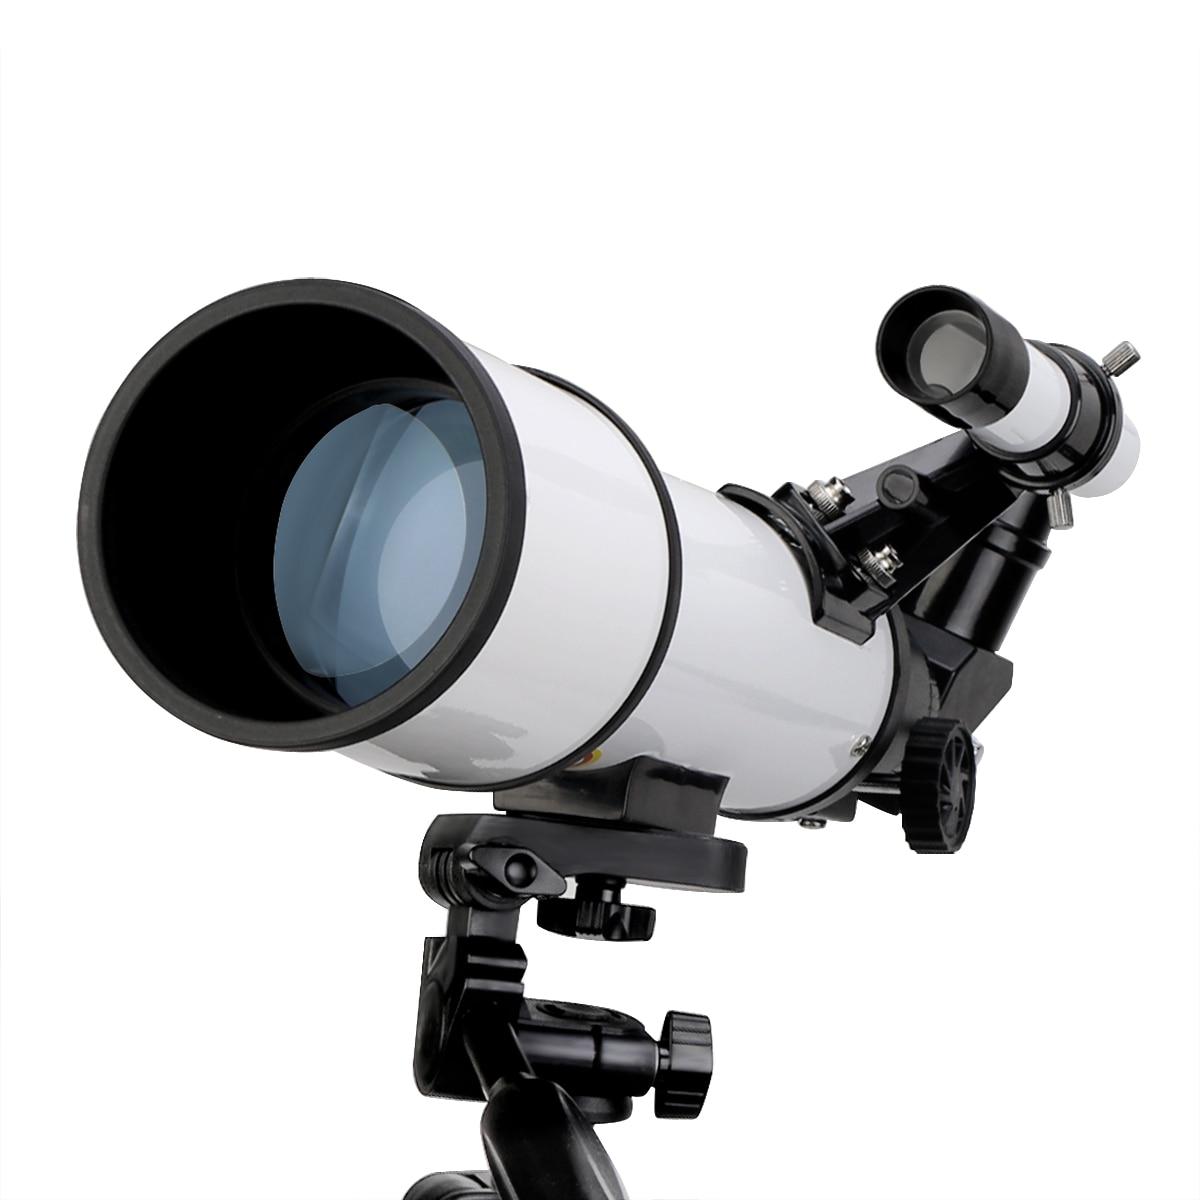 profissional visão noturna espaço profundo vista estrela lua monocular telescópio